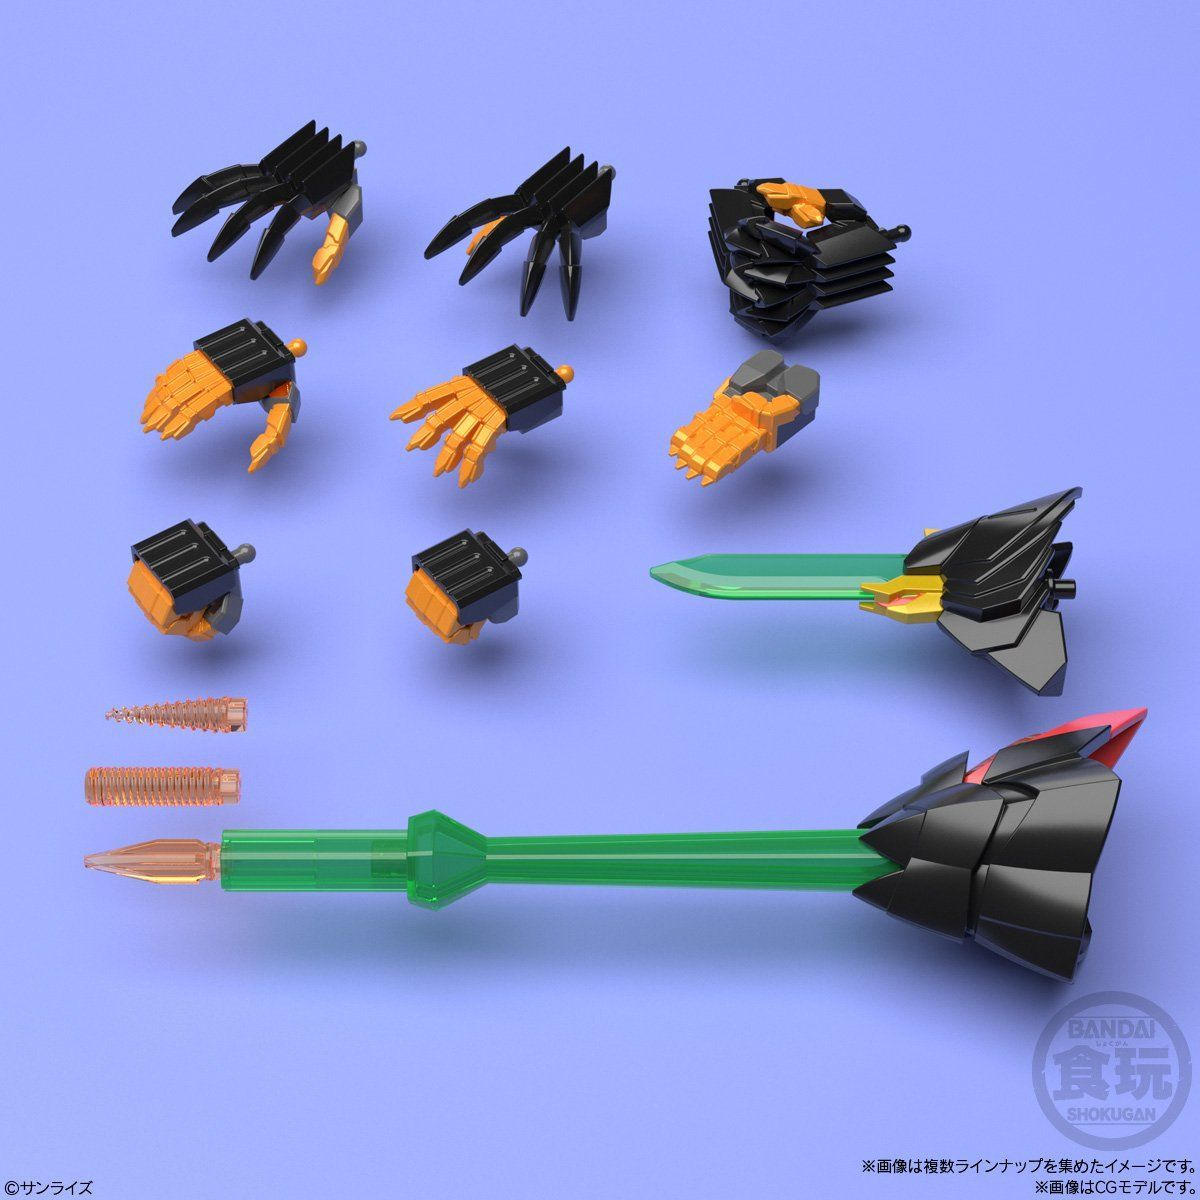 【食玩】スーパーミニプラ『勇者王ガオガイガー6』ジェネシックガオガイガー プラモデル 4個入りBOX-006